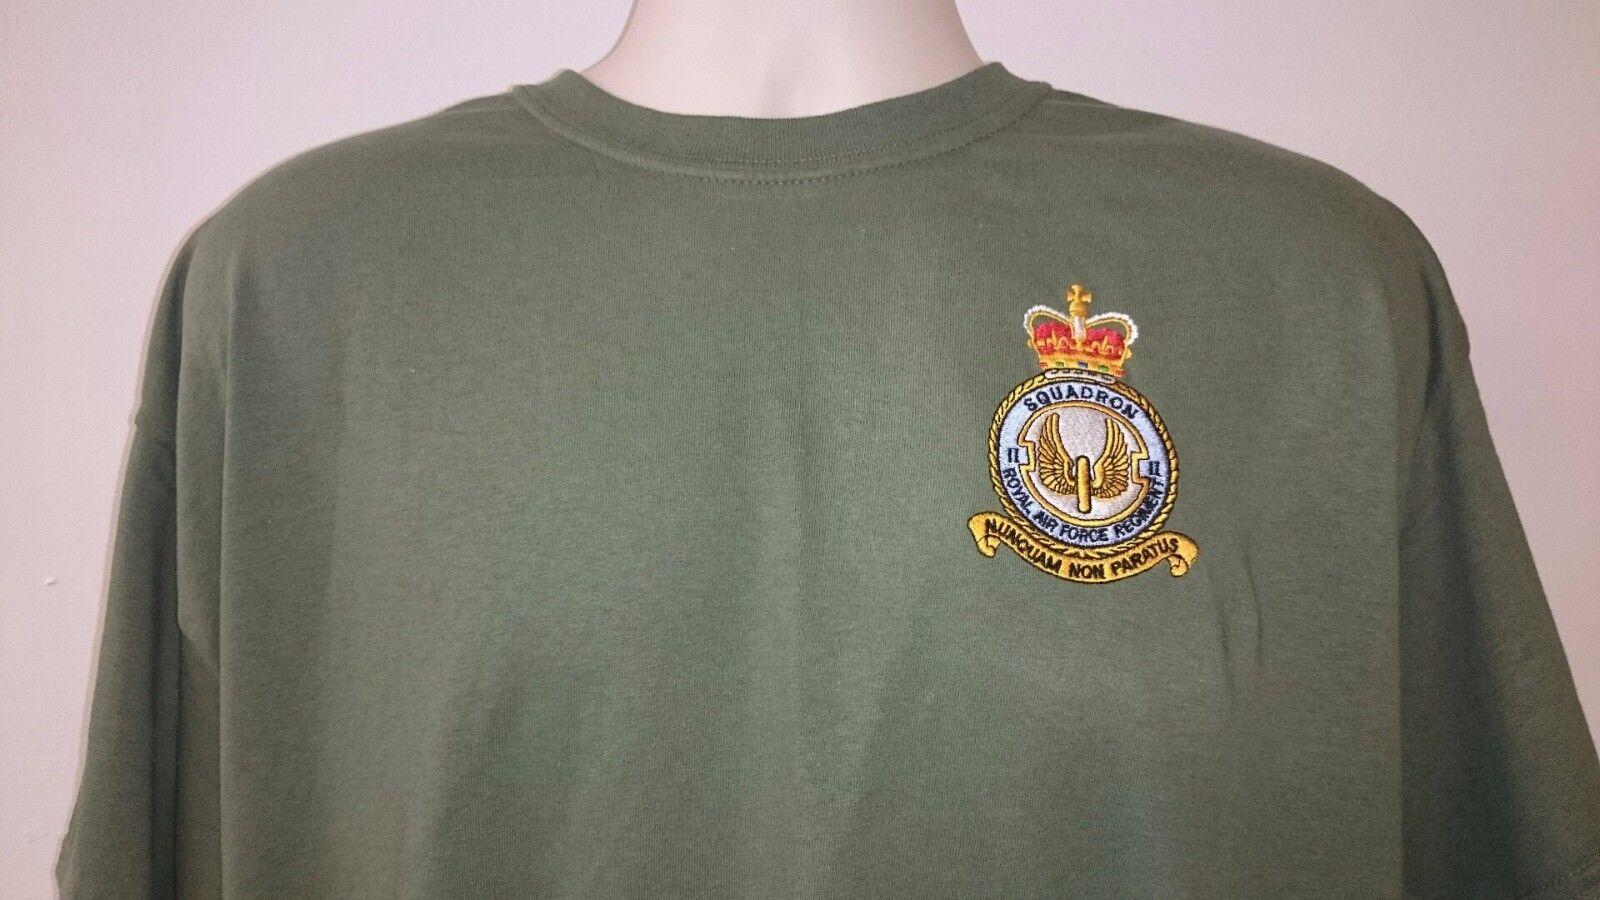 63 RAF Regiment Crest Imprimé sur un t shirt Choix de Couleurs